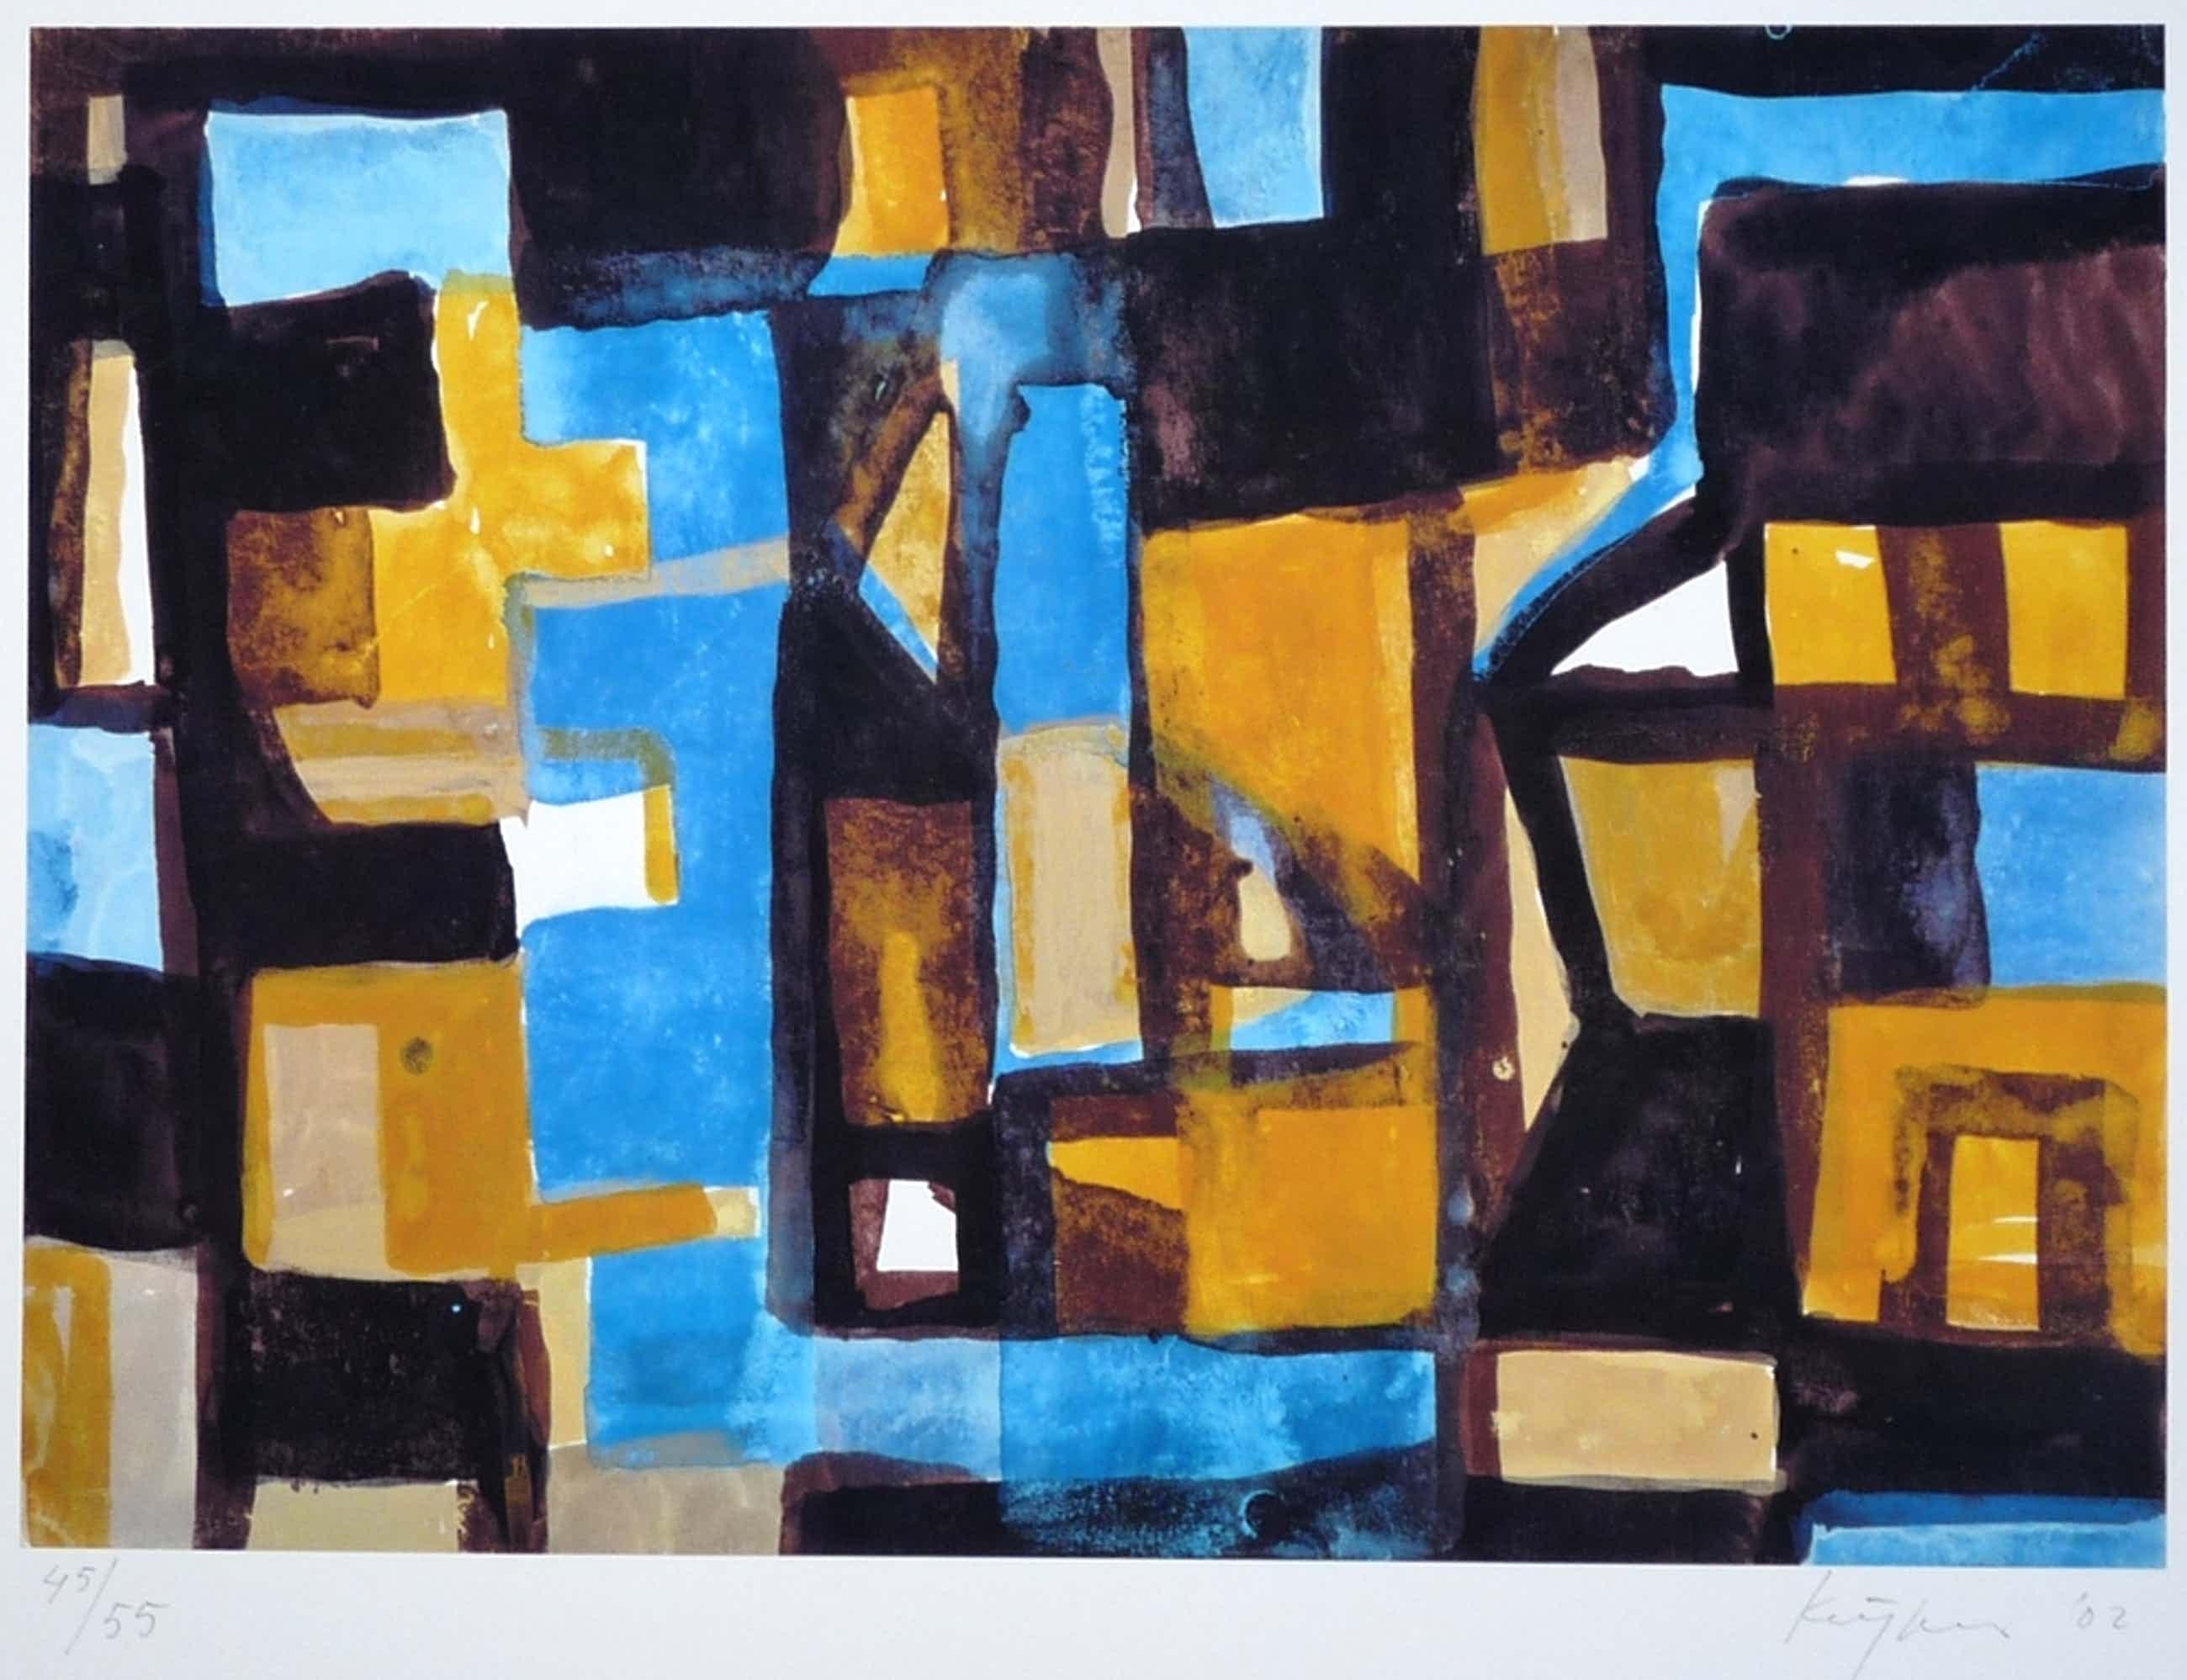 Theo Kuijpers: Giclee, Abstract, Gesigneerd, 2002 kopen? Bied vanaf 75!